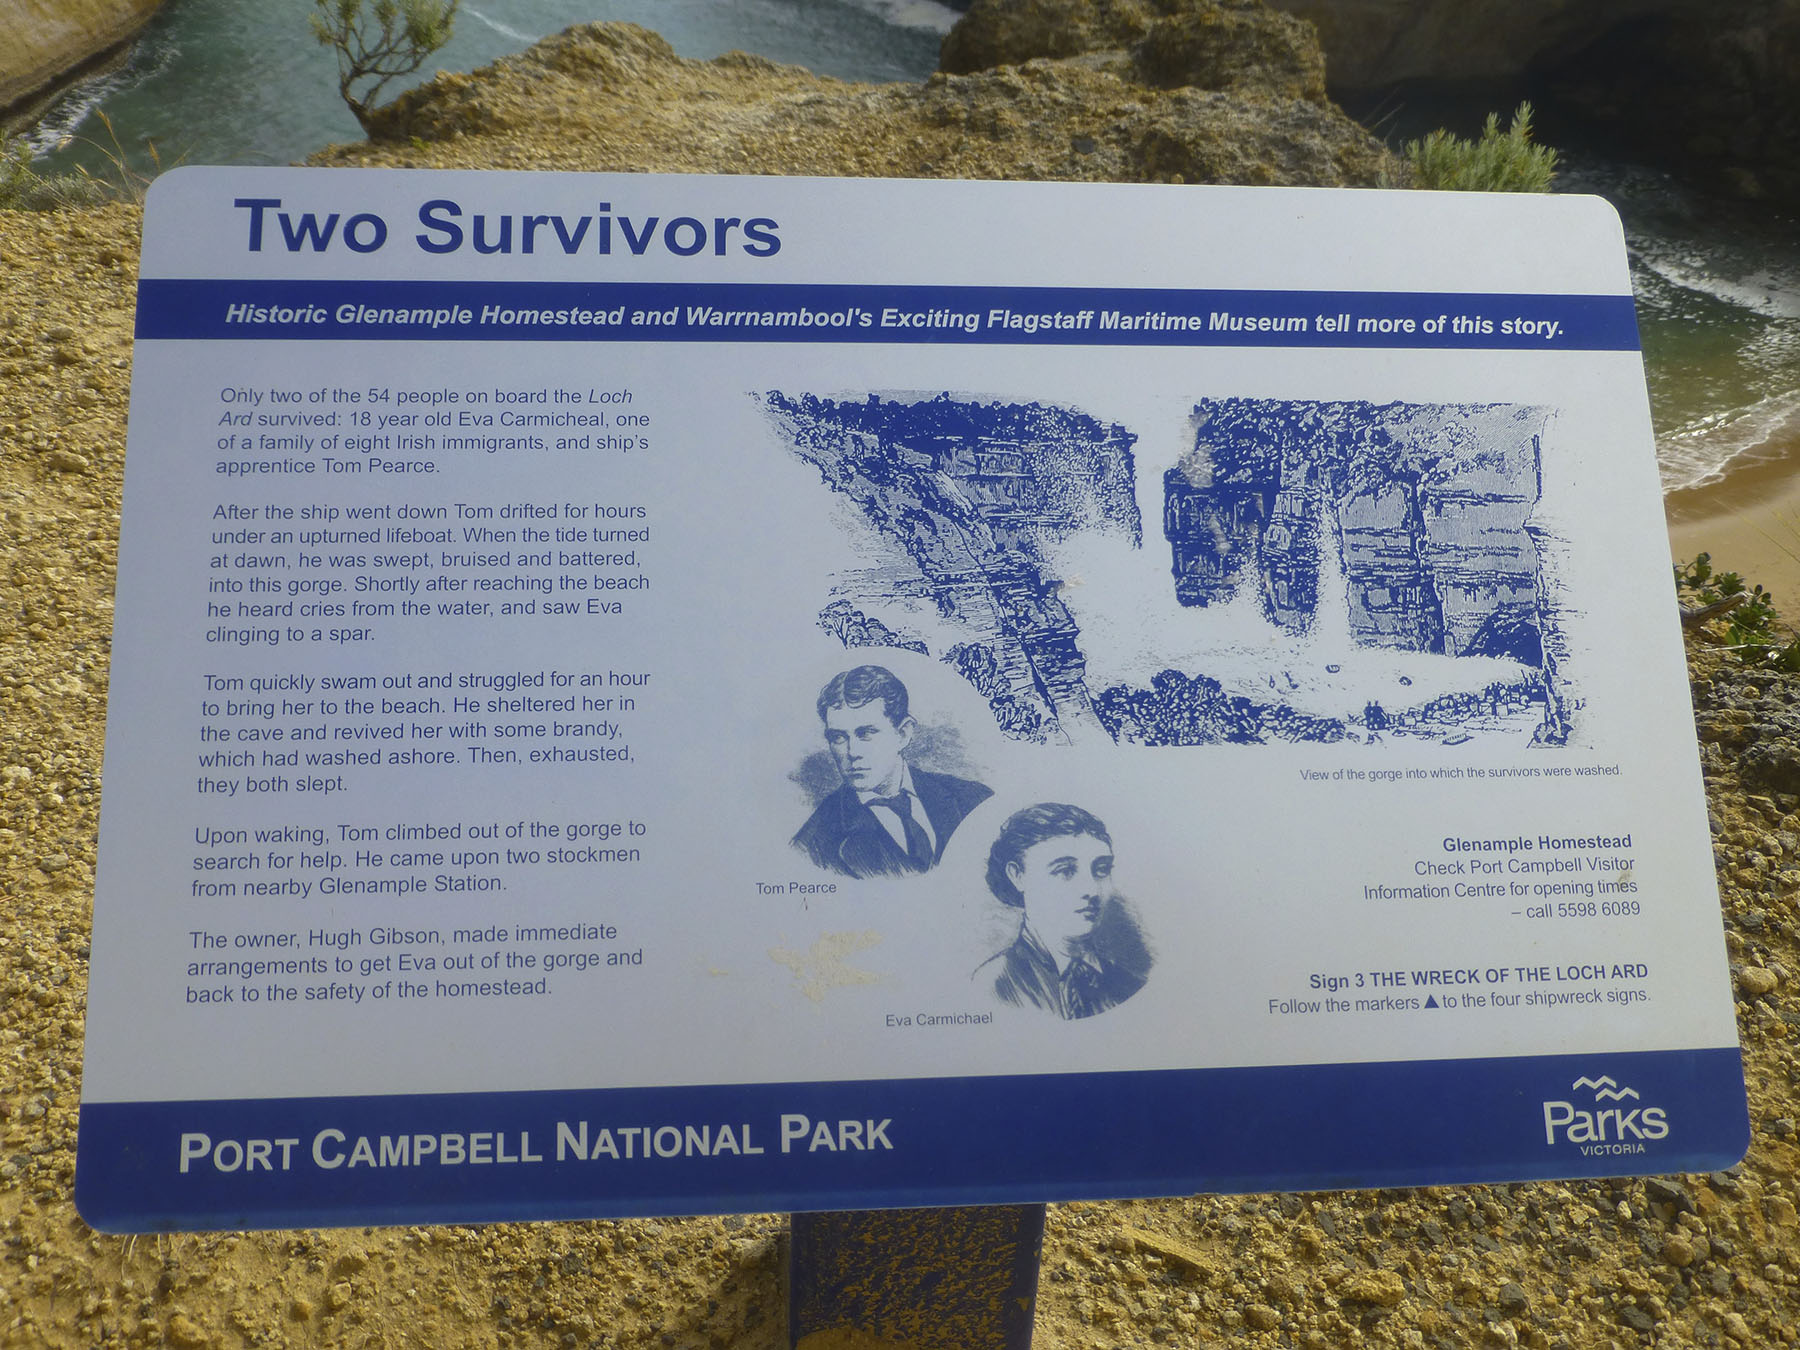 Two Survivors